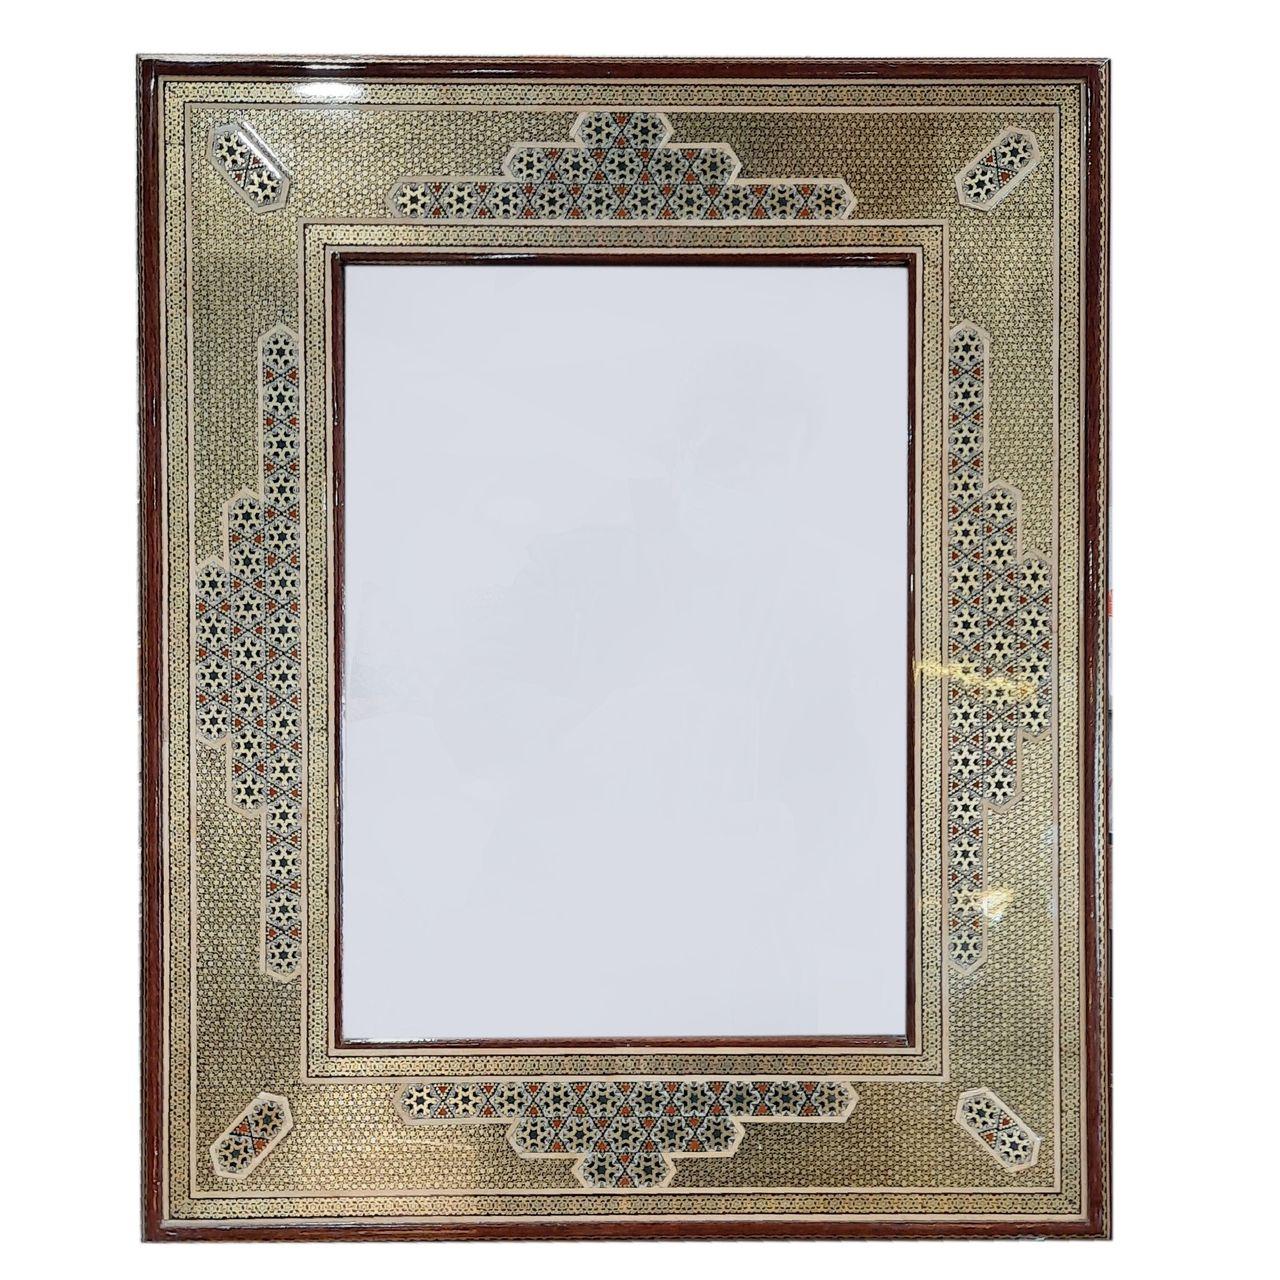 آینه خاتم کاریمدل دیبا کد 127